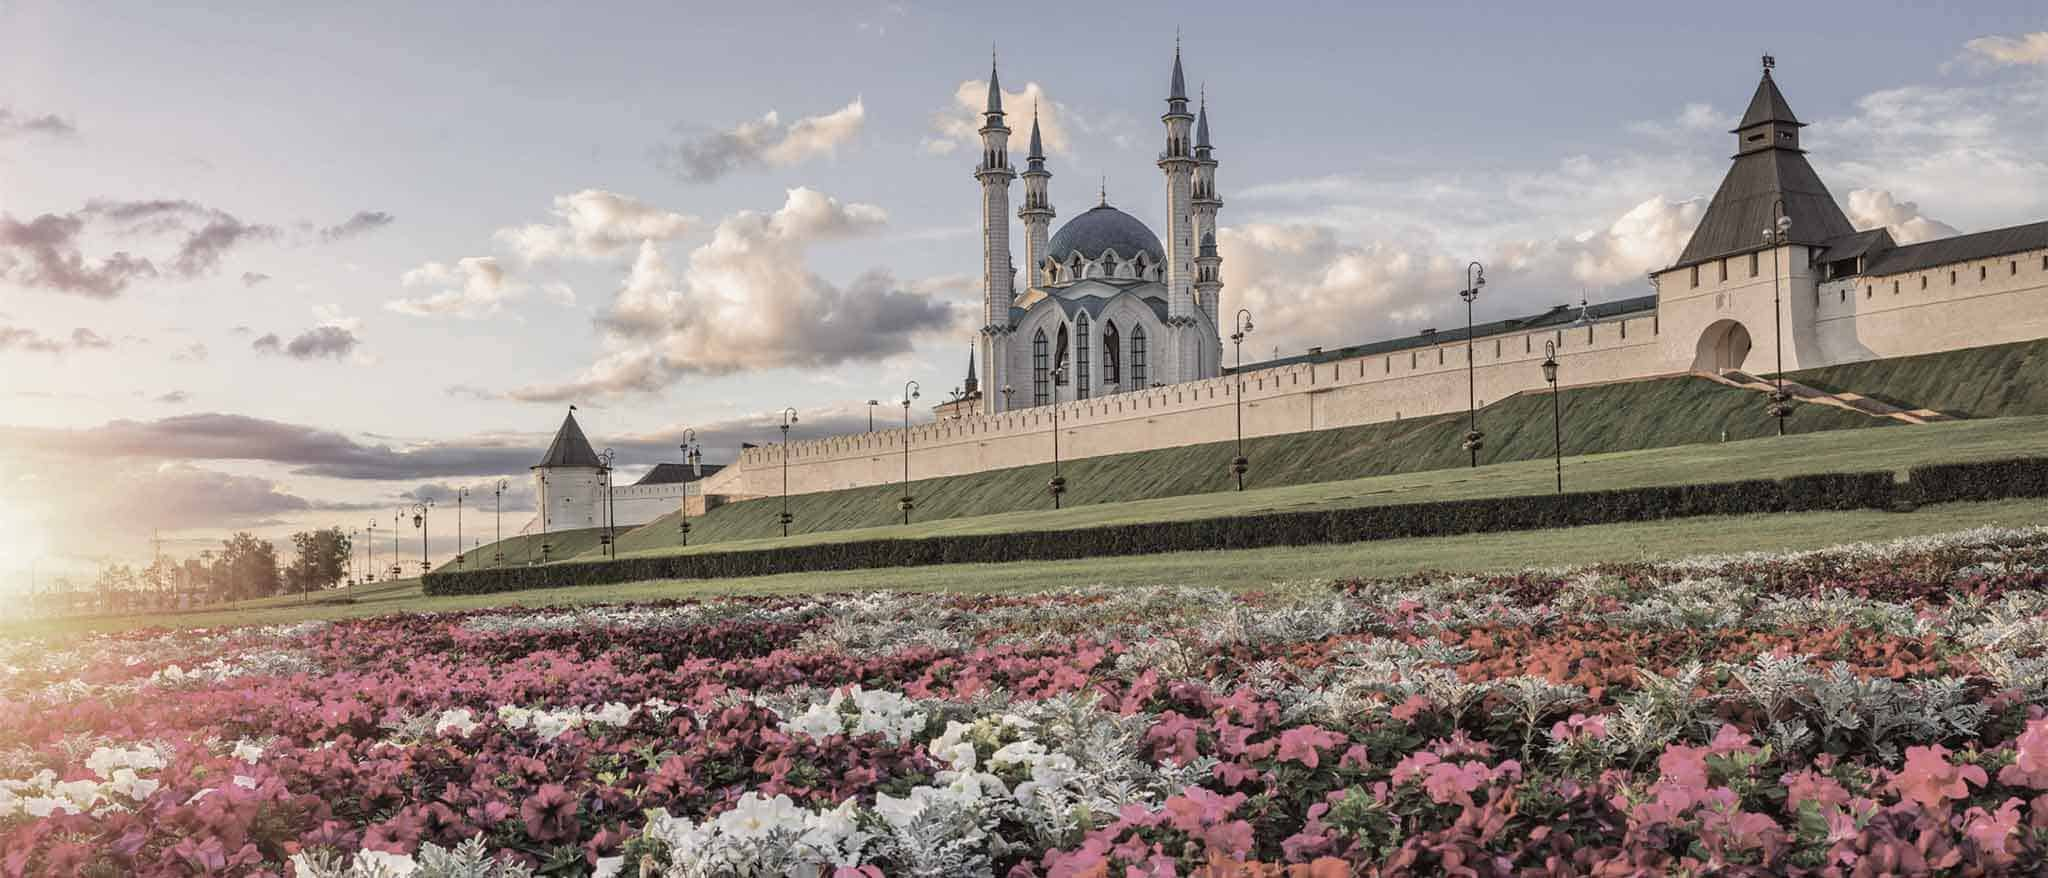 АЭМТ - НАУЧНО-ПРАКТИЧЕСКАЯ АССАМБЛЕЯ ПО ЭСТЕТИЧЕСКОЙ МЕДИЦИНЕ И ТРИХОЛОГИИ С МЕЖДУНАРОДНЫМ УЧАСТИЕМ 17-18 апреля 2018, Казань